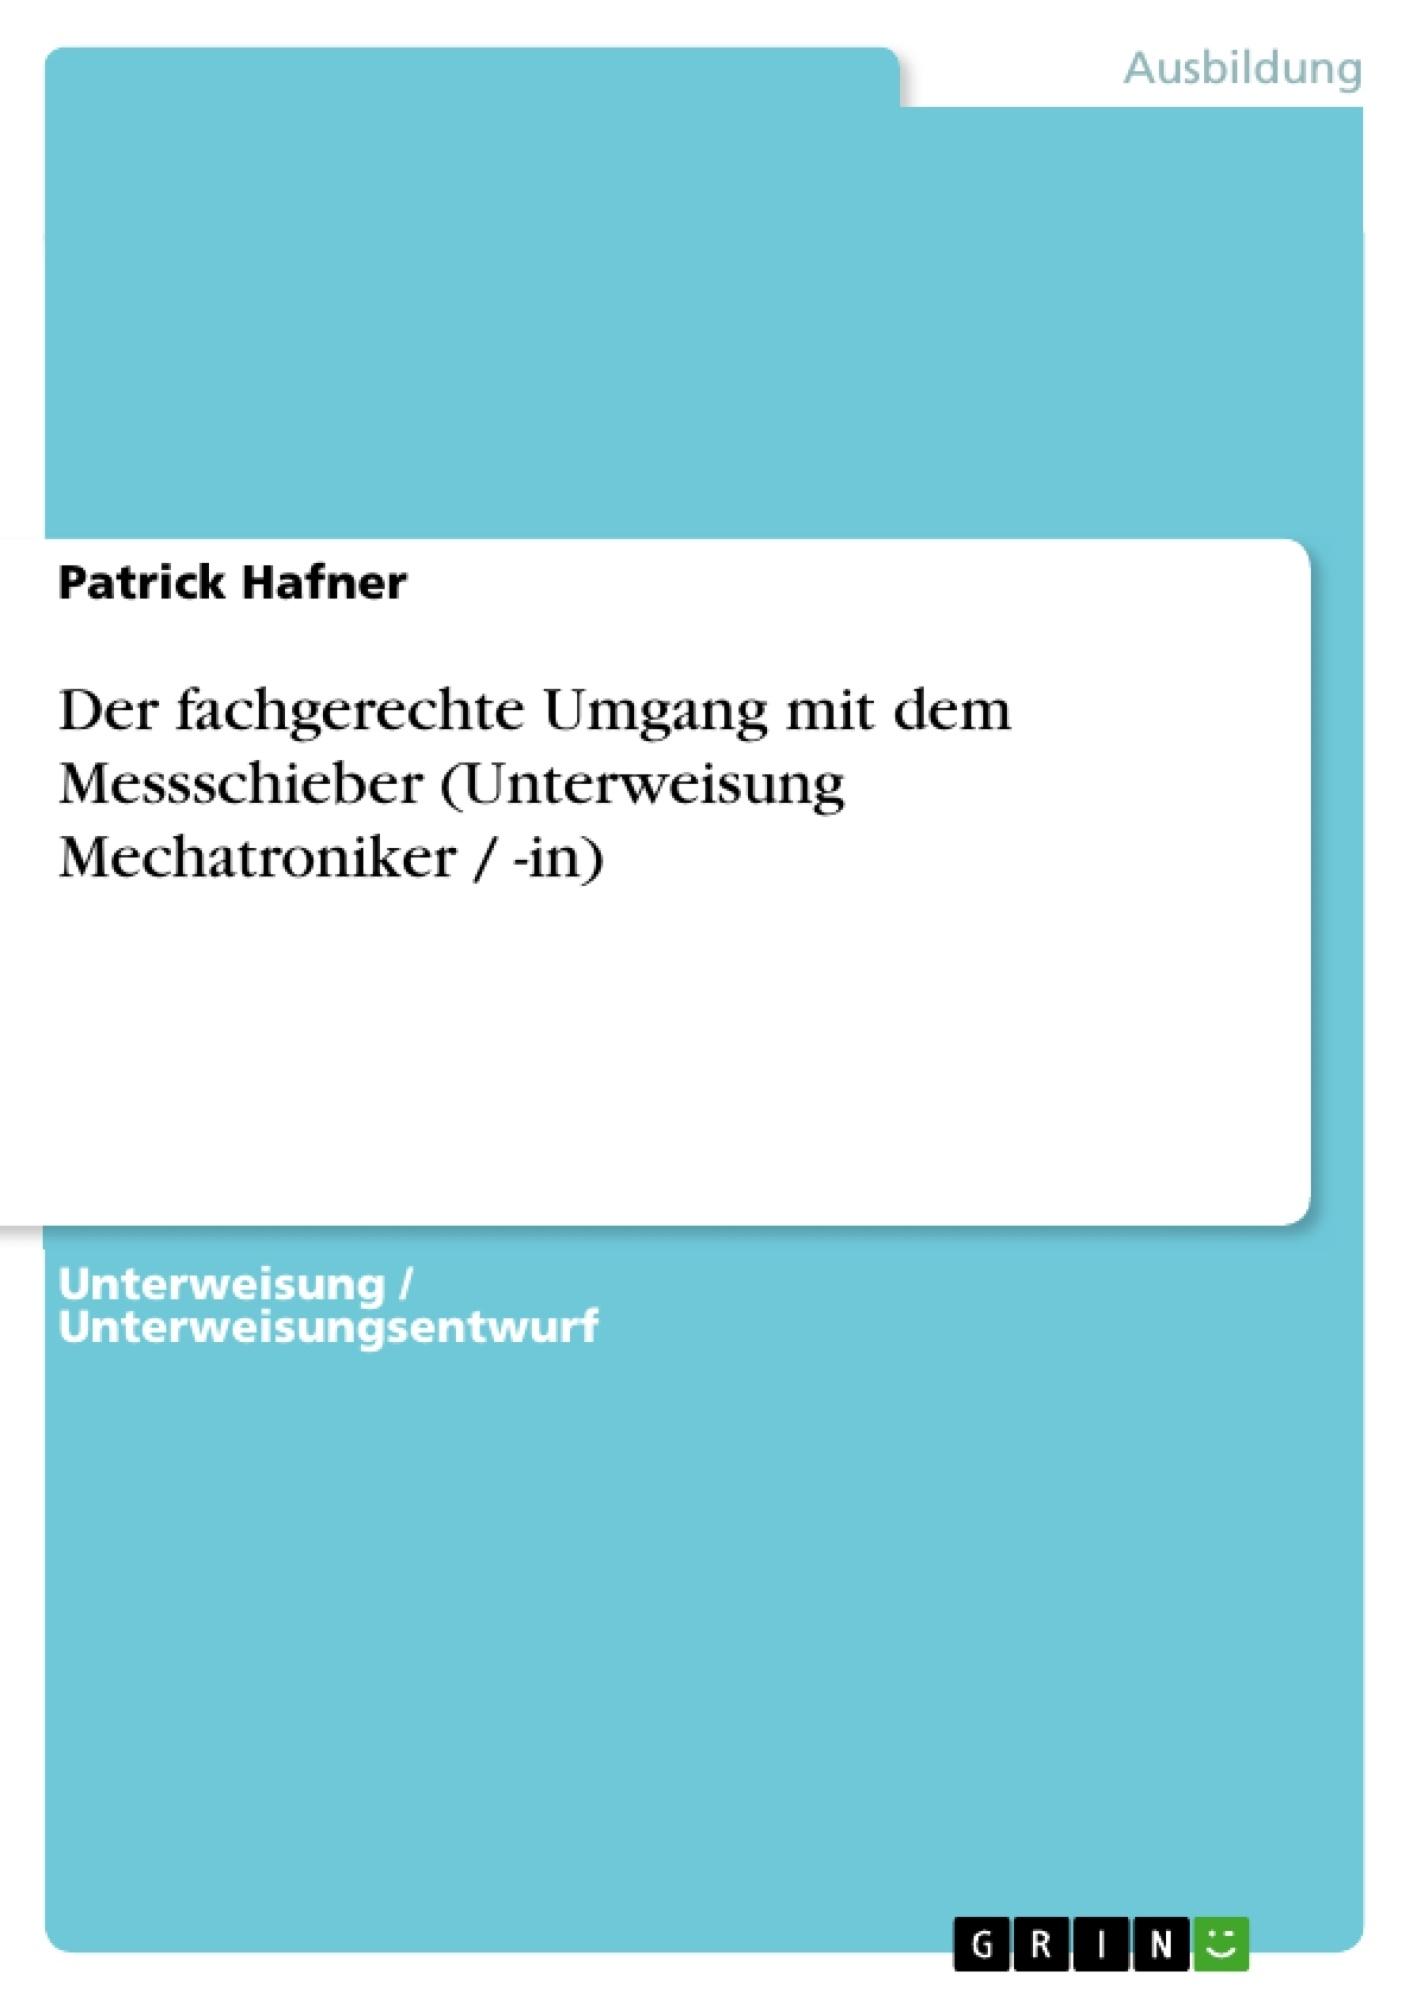 Titel: Der fachgerechte Umgang mit dem Messschieber (Unterweisung Mechatroniker / -in)